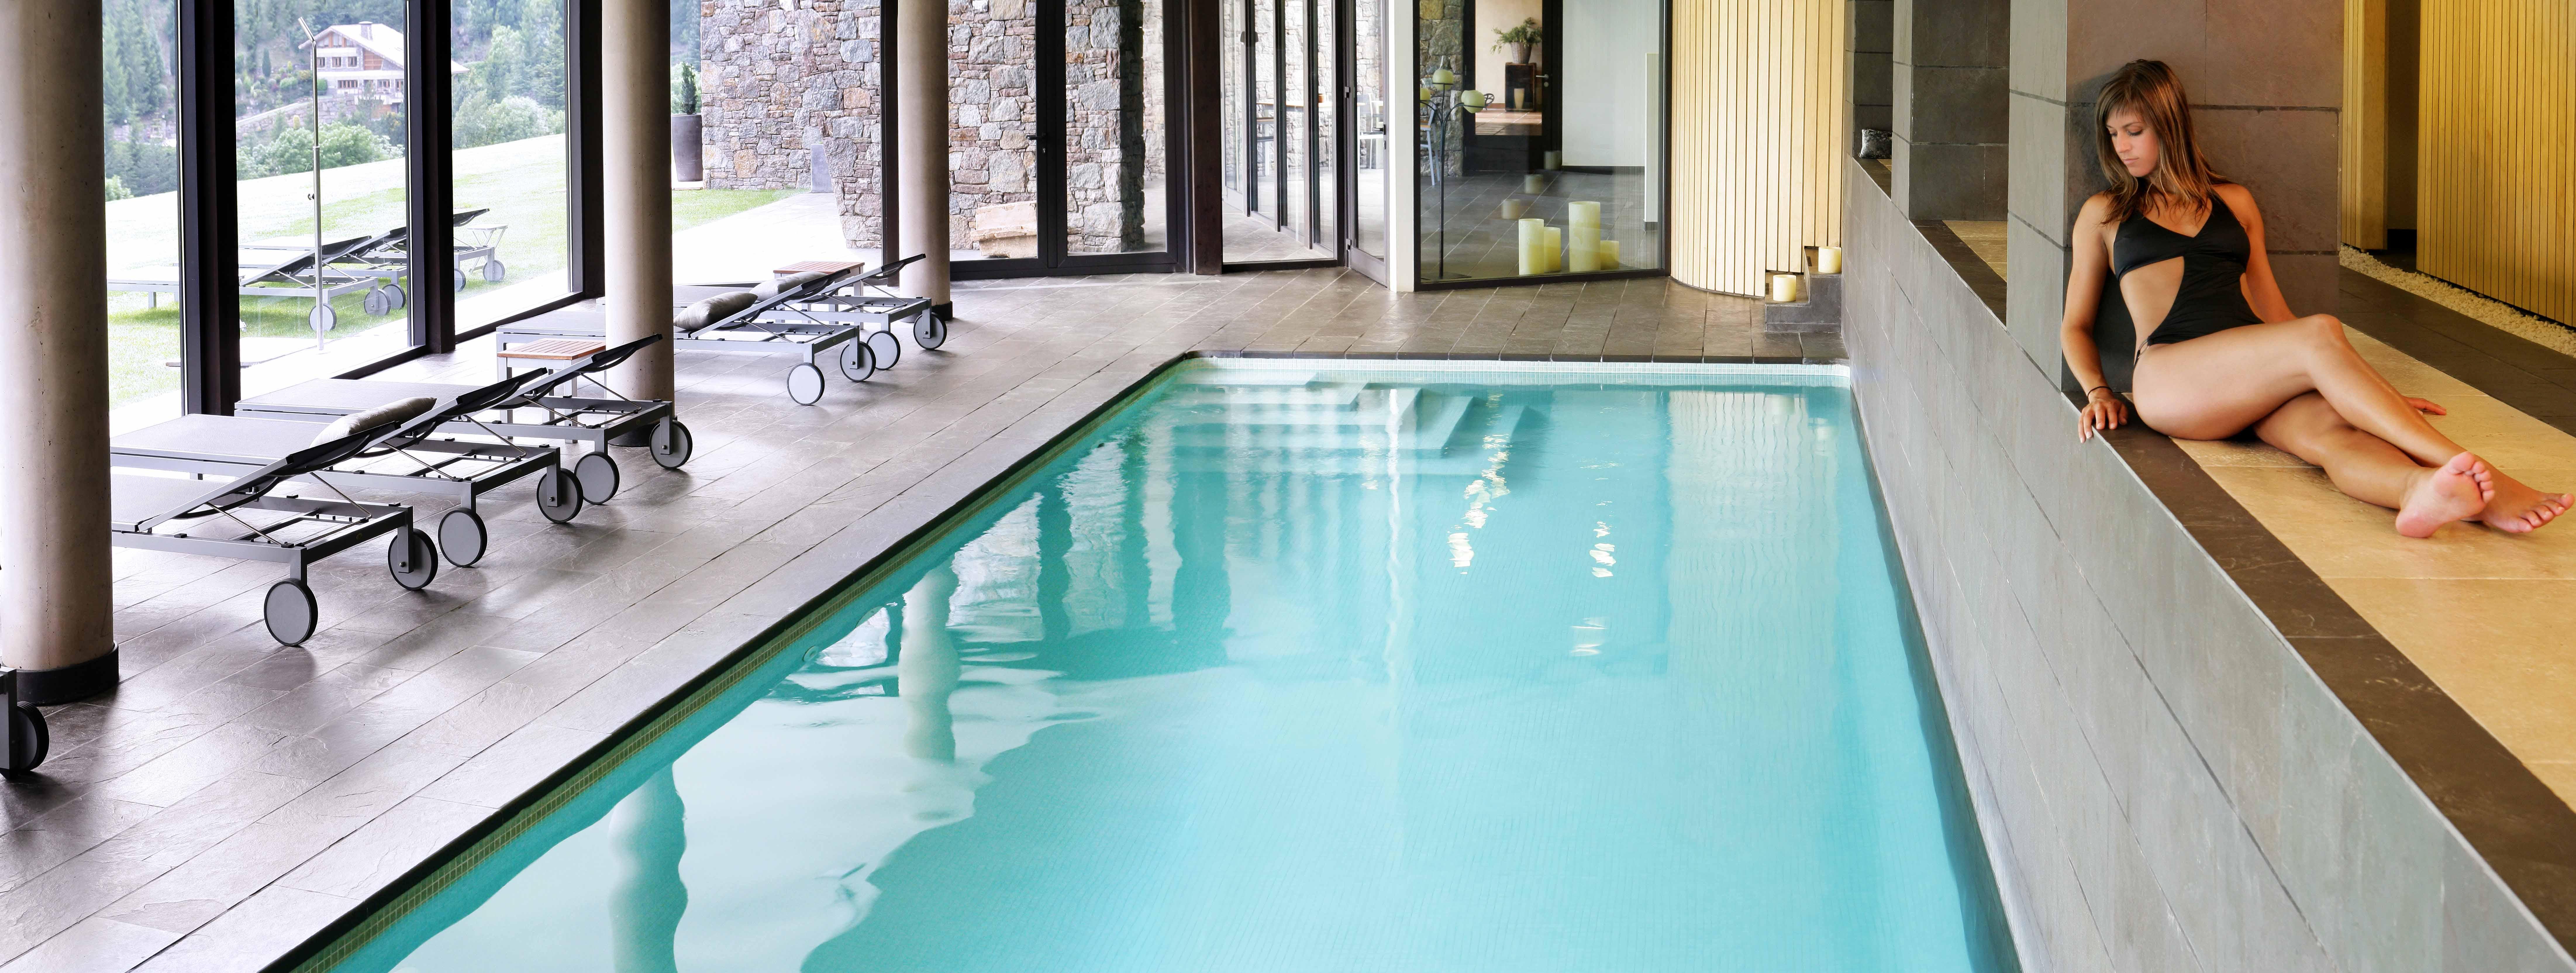 Senderismo en girona hotel resguard for Temperatura piscina climatizada